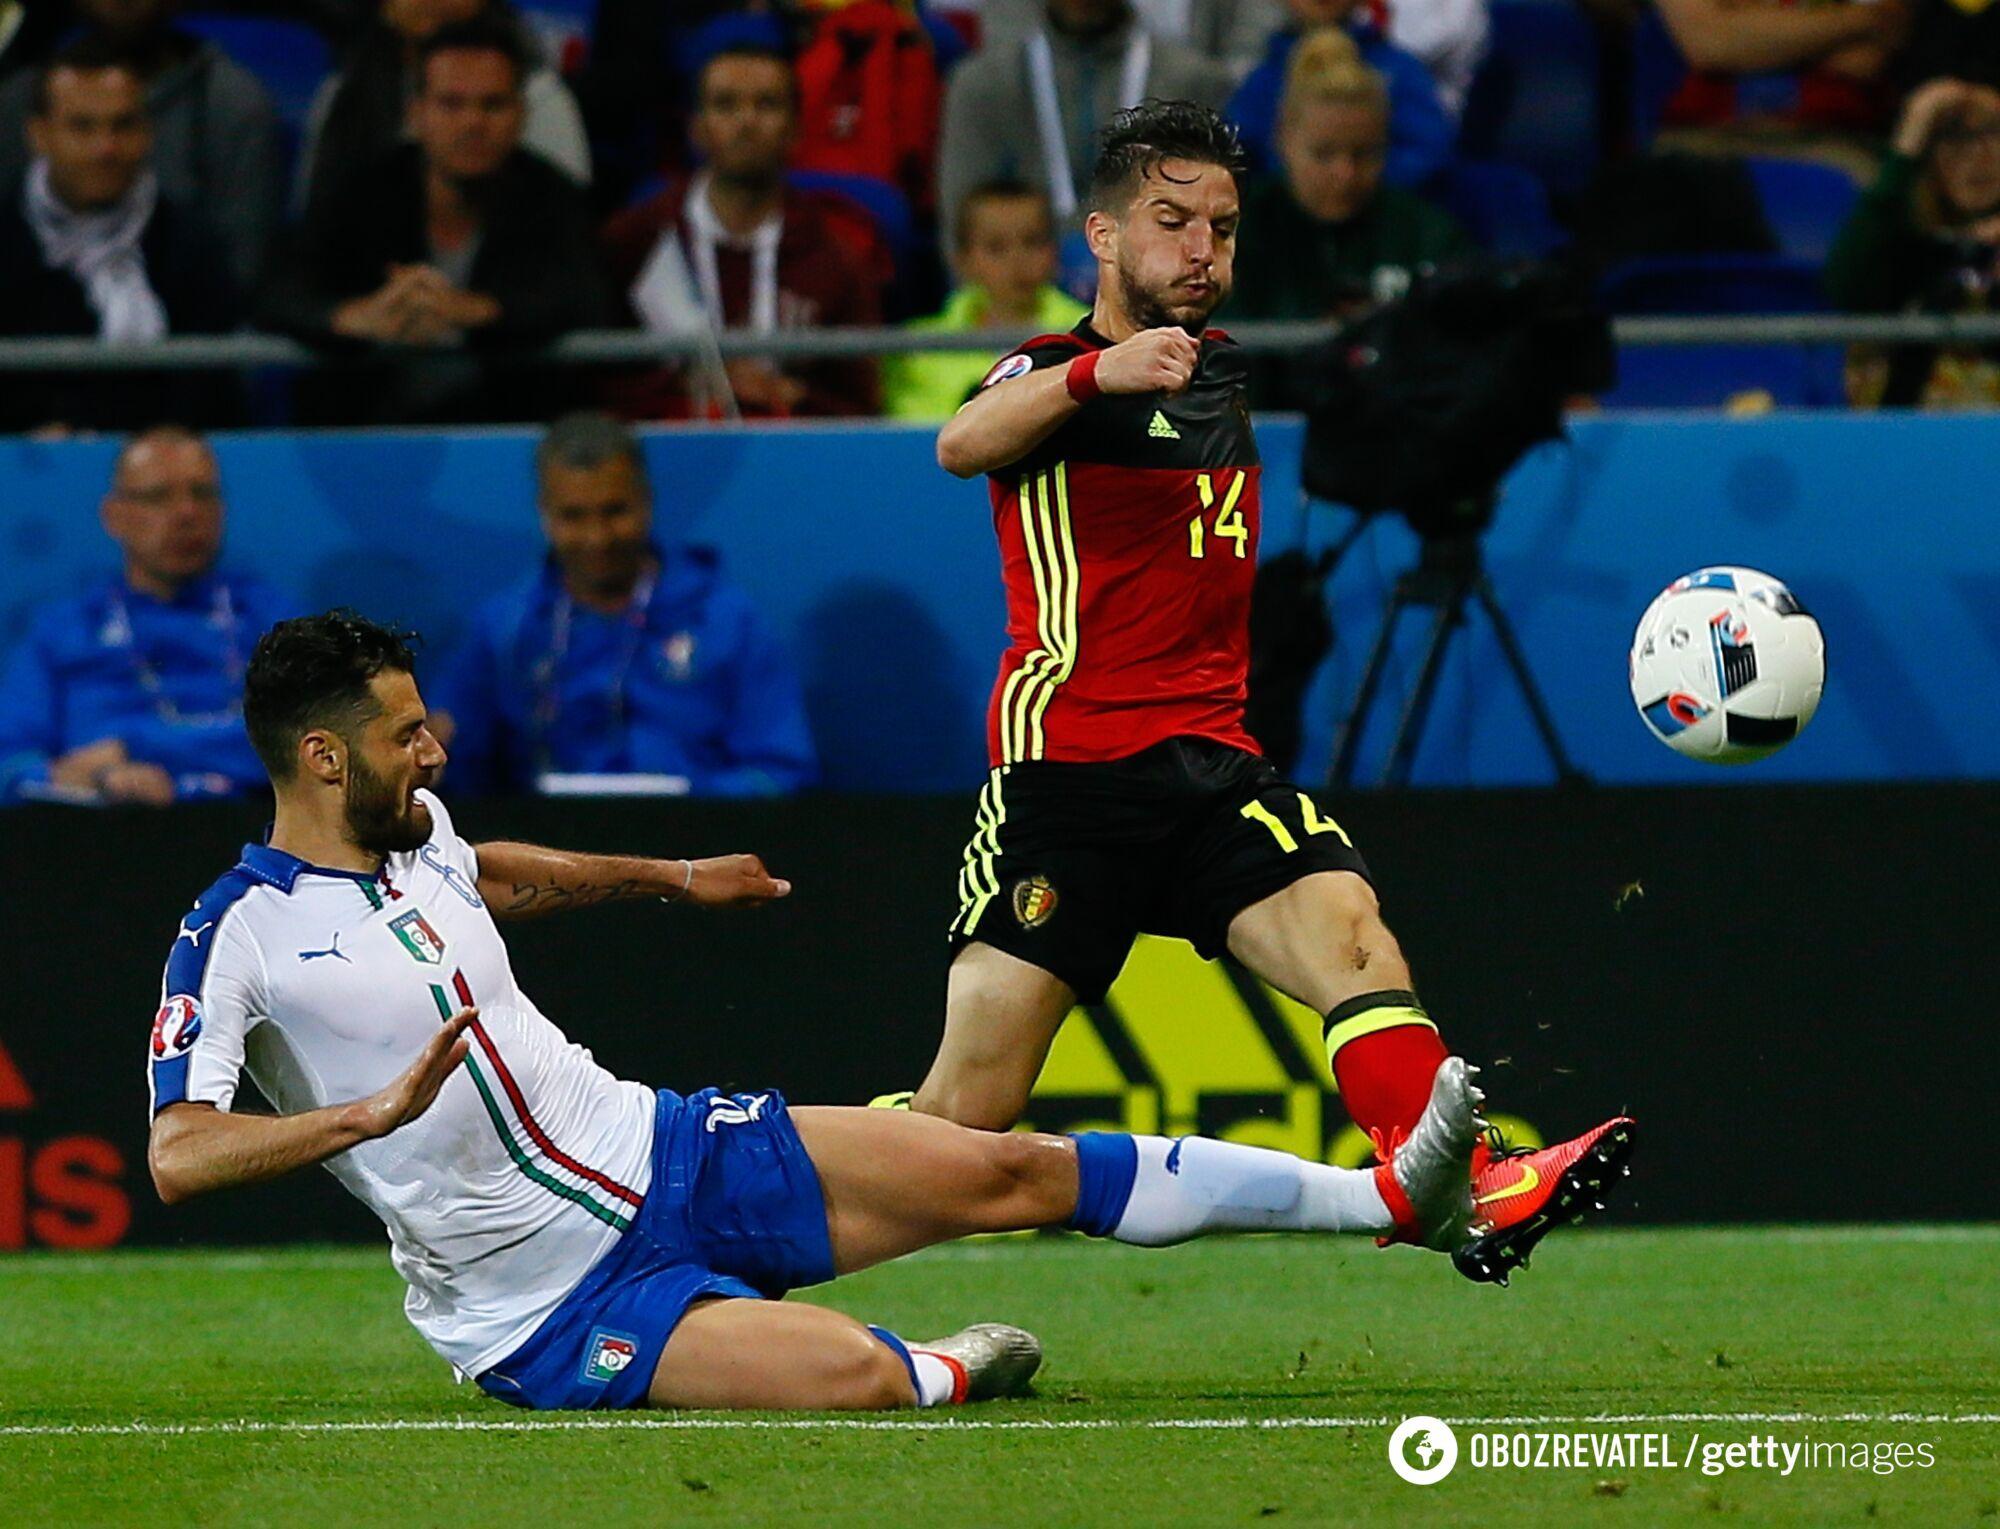 Італія обіграла Бельгію на старті Євро-2016